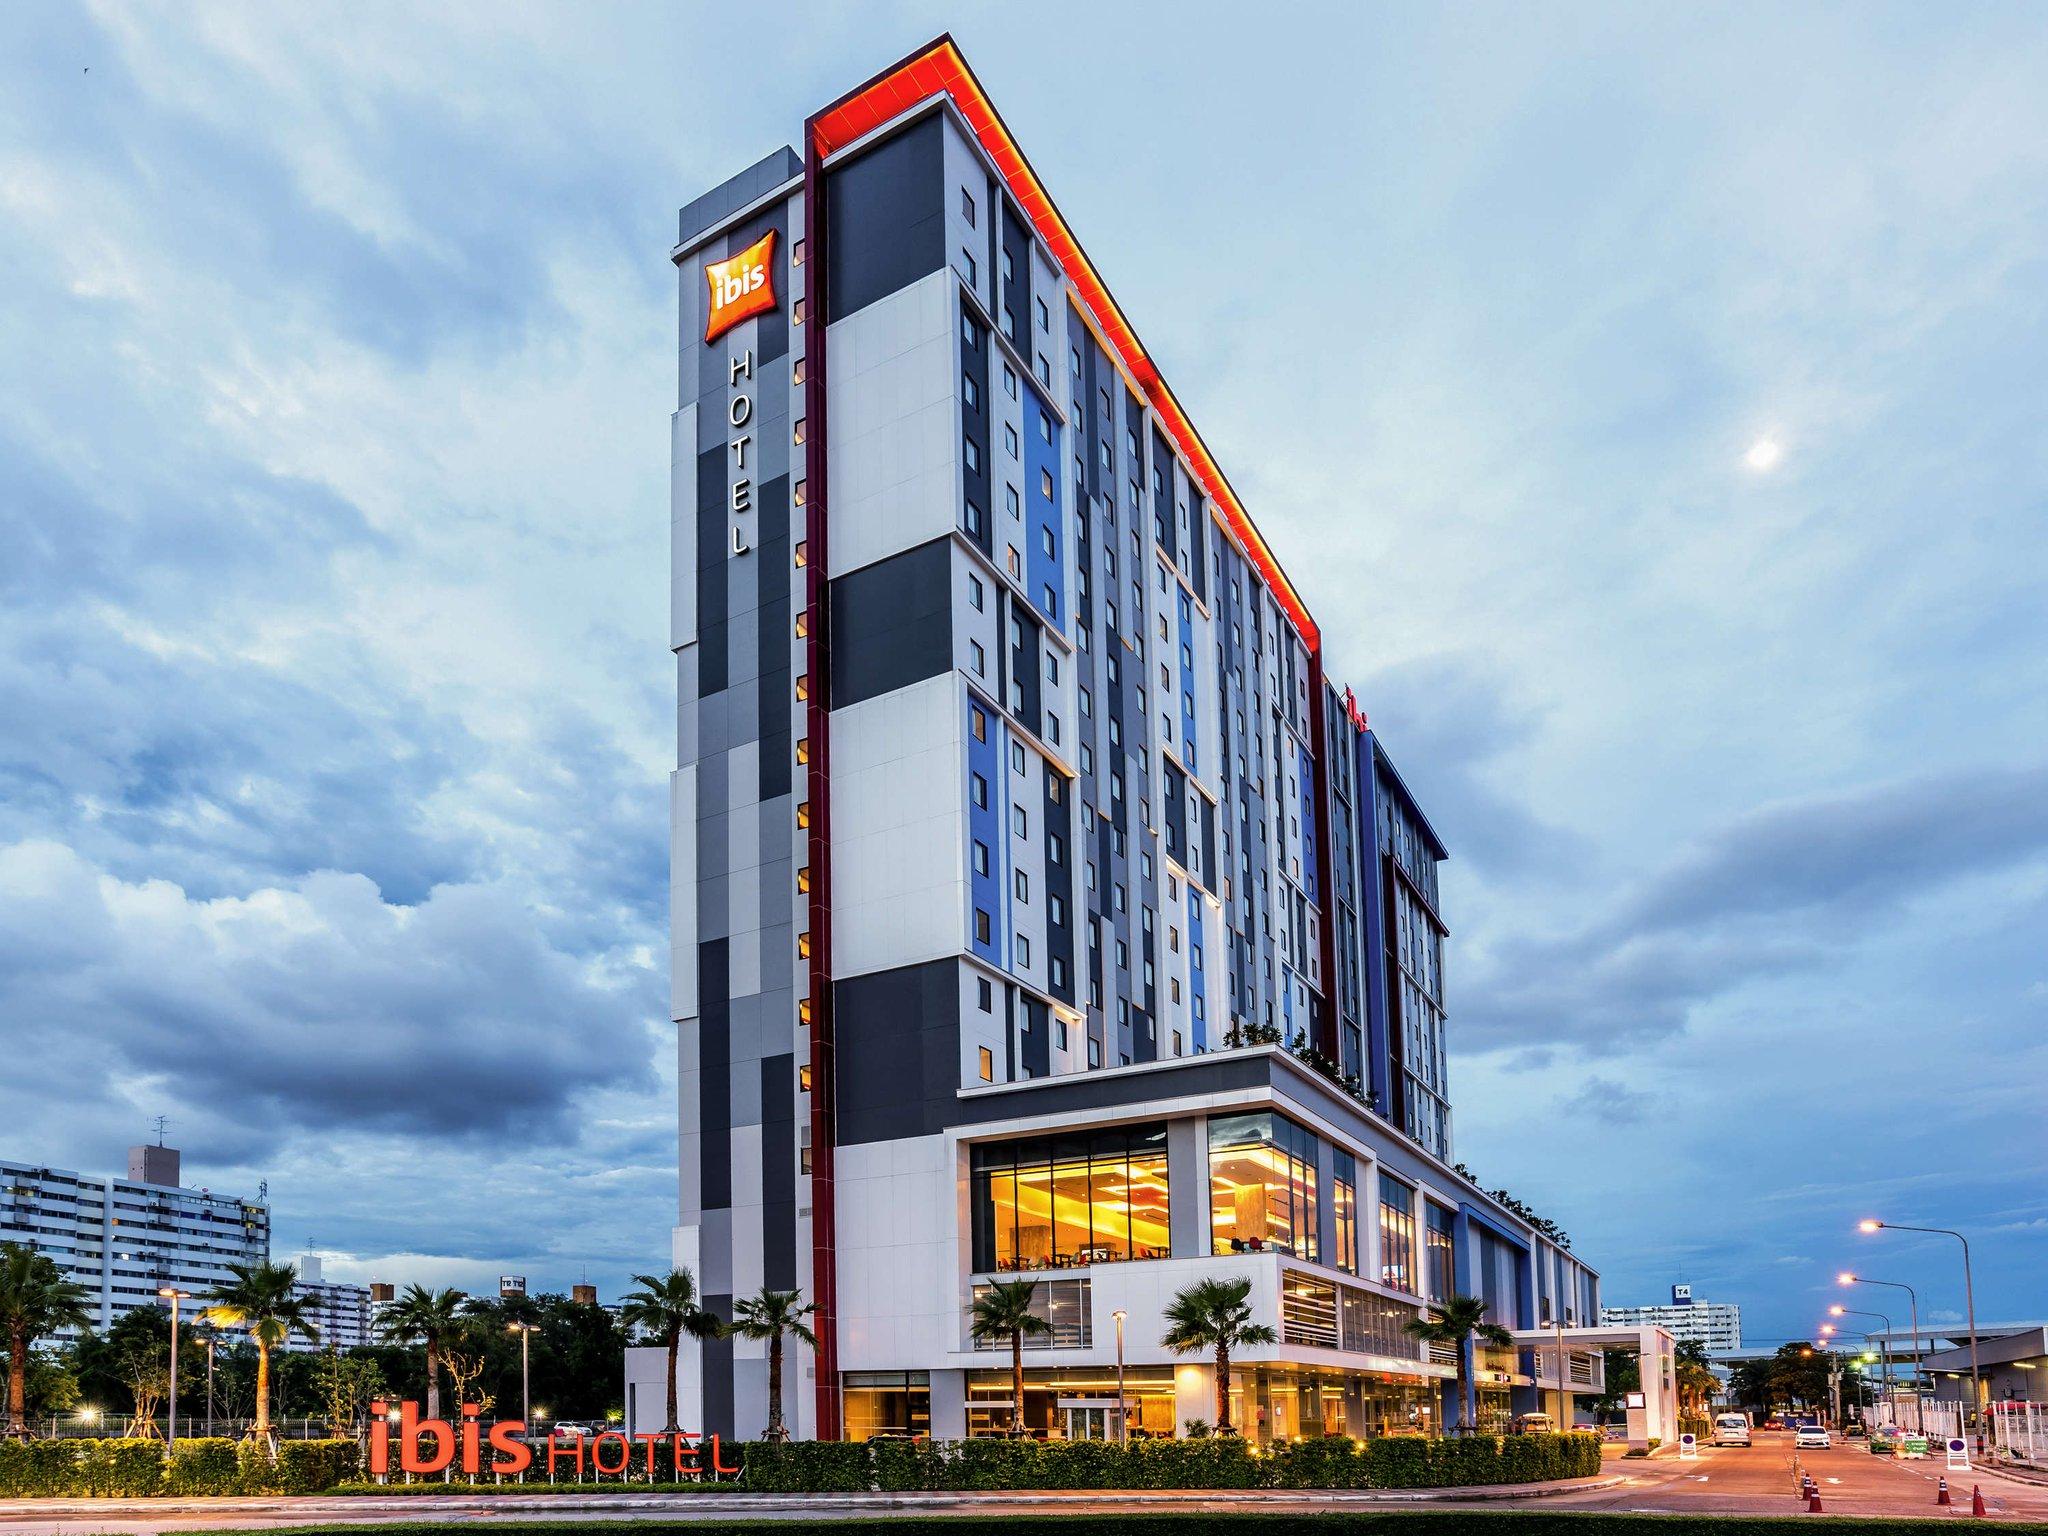 Ibis Bangkok Impact Hotel